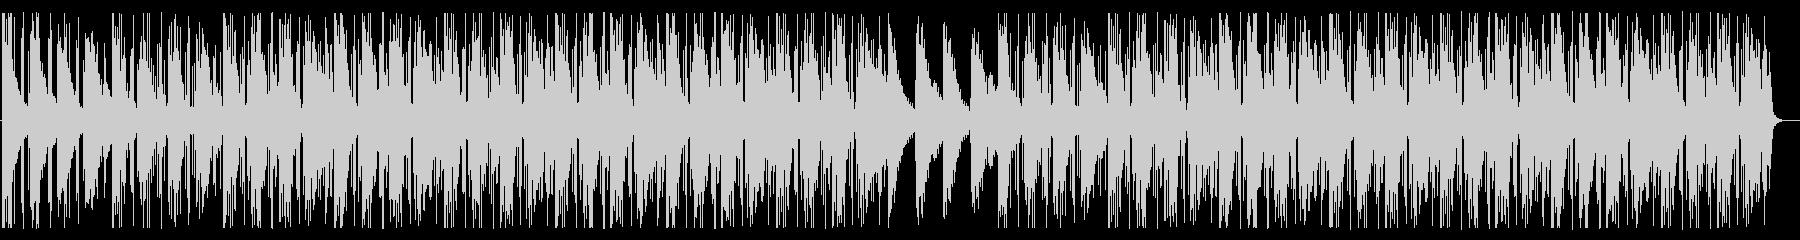 海/生演奏/R&B_No607_6の未再生の波形